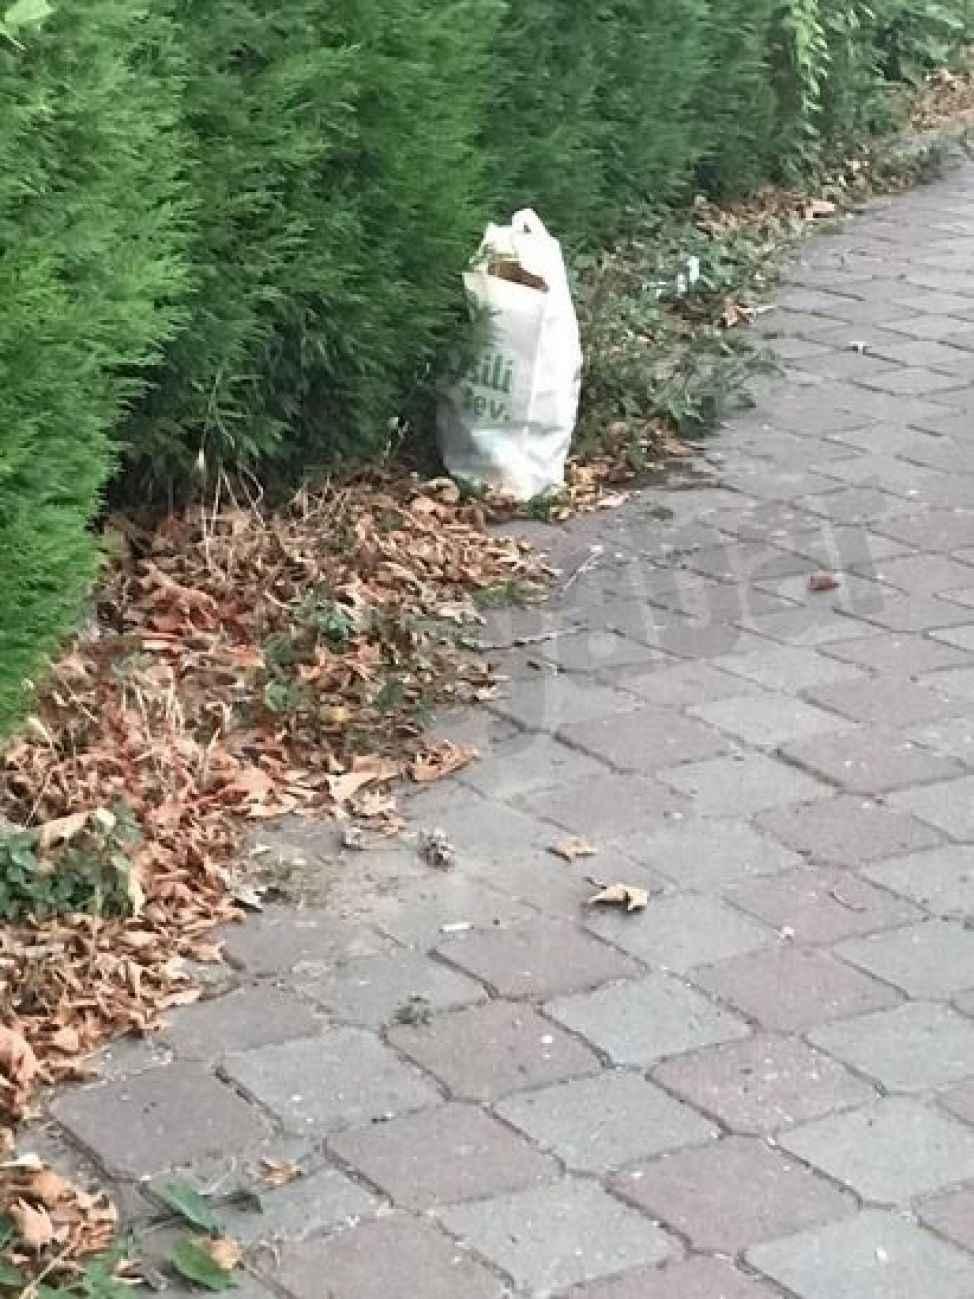 Sürekli evlerinin önüne çöp atan yabancı turistlerden bıktı!